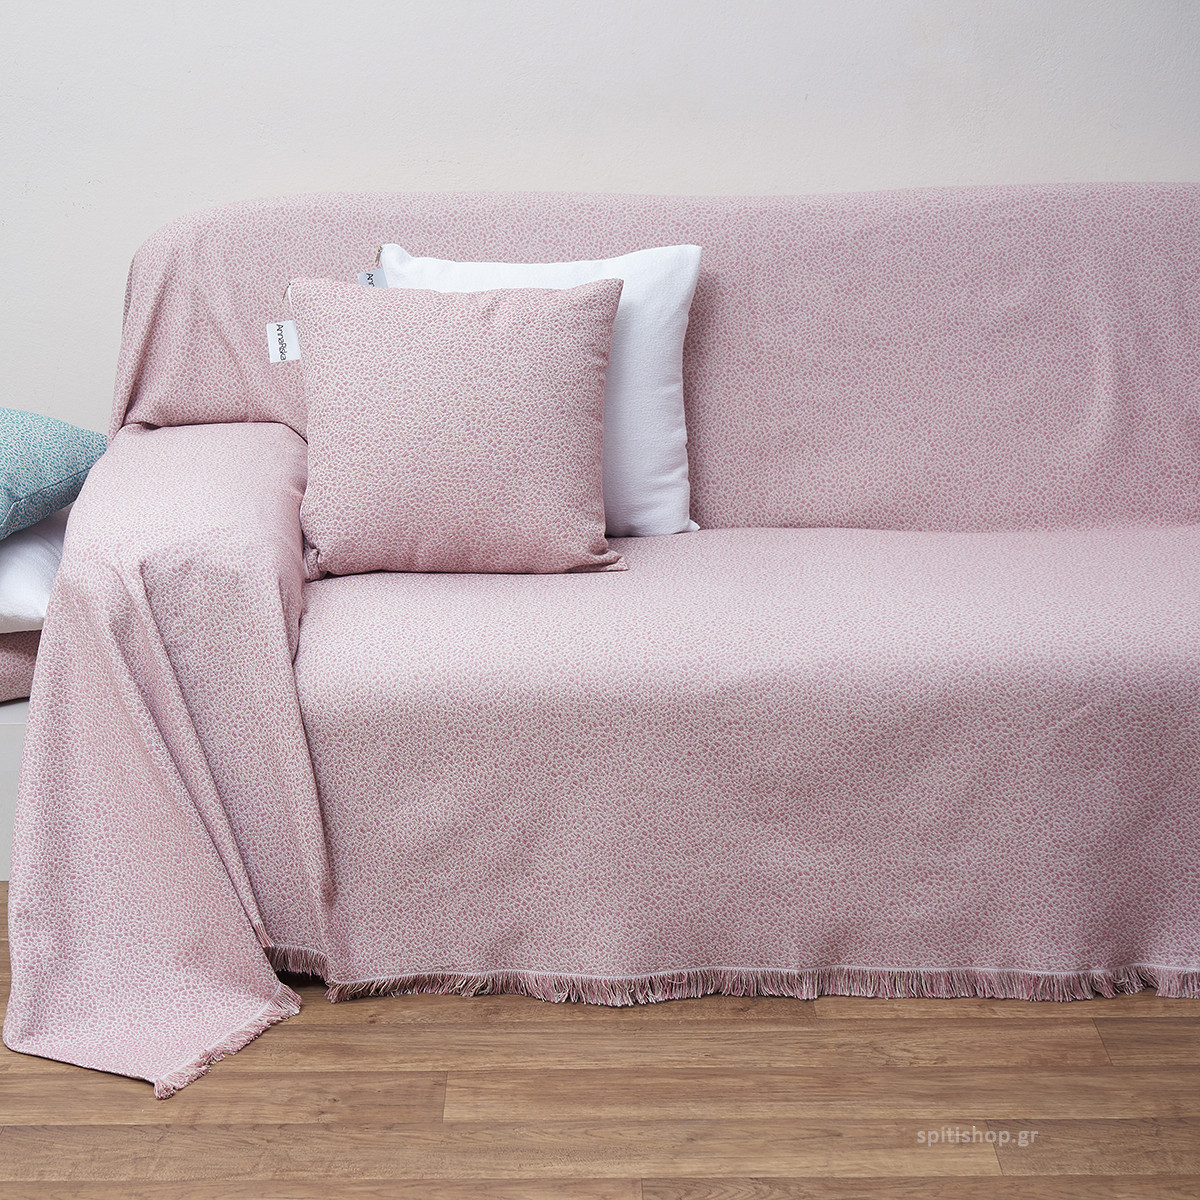 Ριχτάρι Πολυθρόνας (180×180) Anna Riska Des 1554 Blush Pink